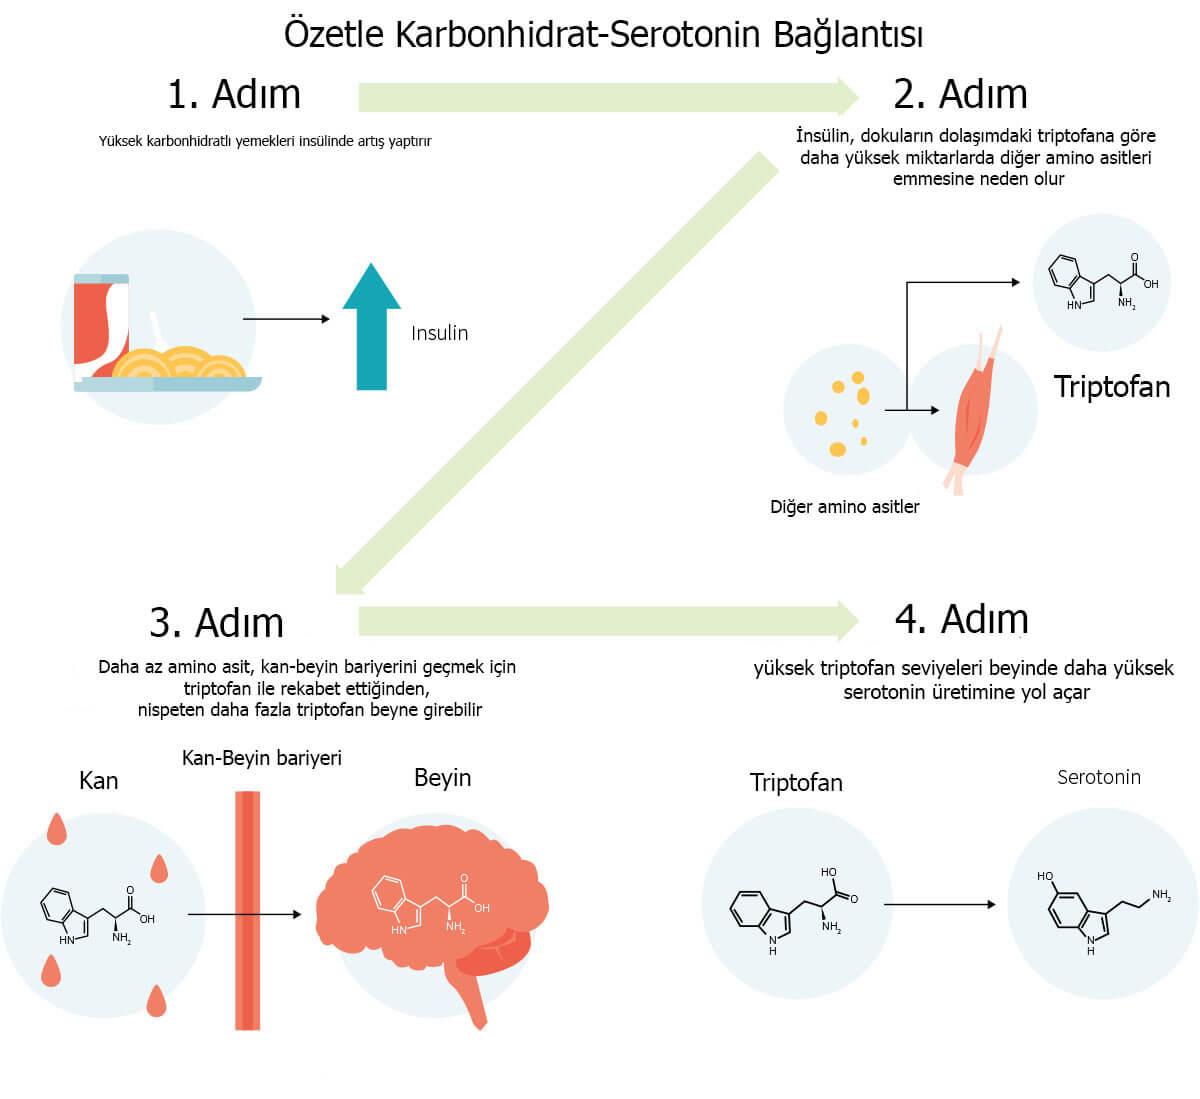 Karbonhidrat-Serotonin bağlantısı, şeker